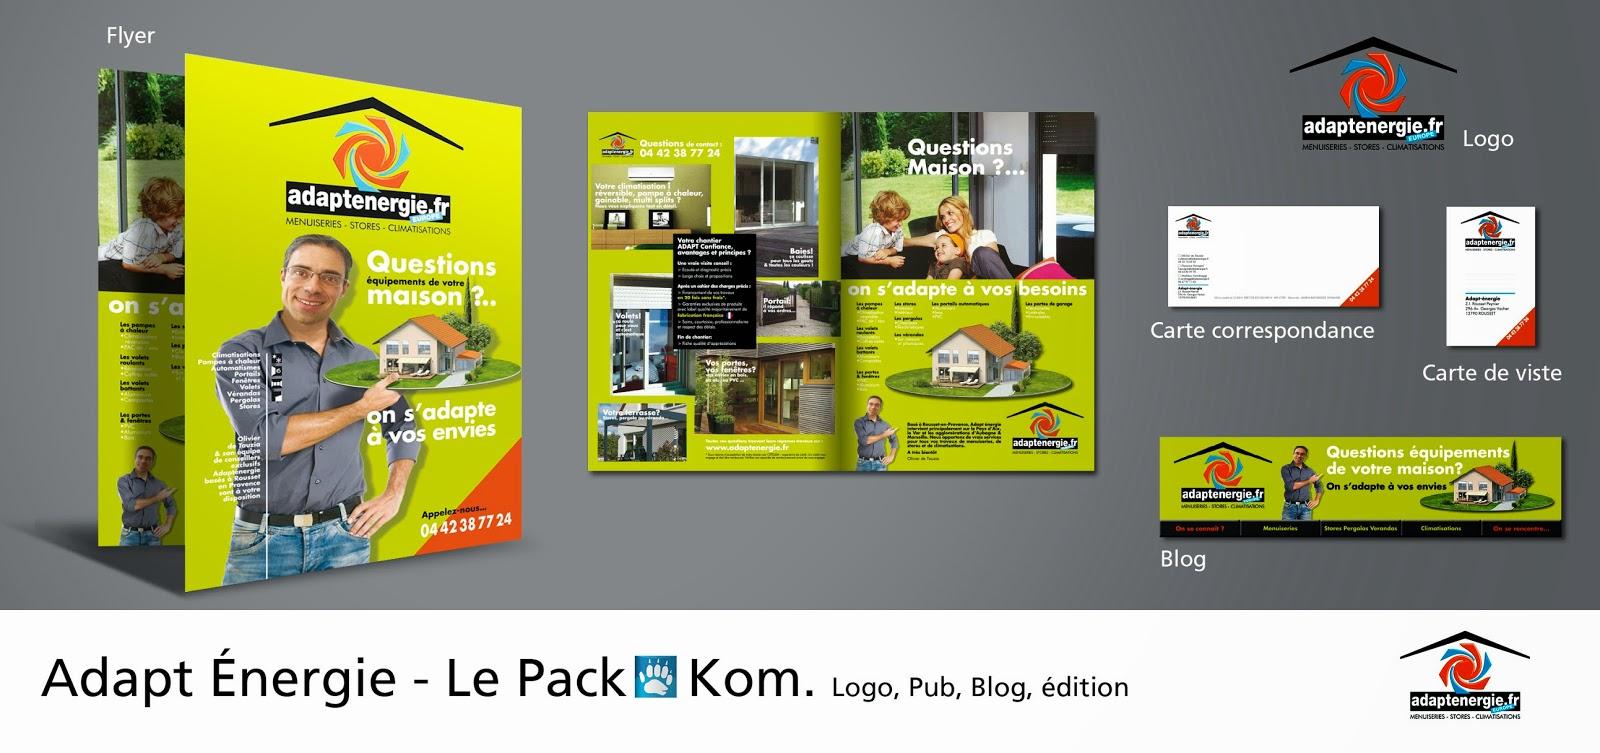 VISU-ADAPT-ENERGIE-Pack-Kom